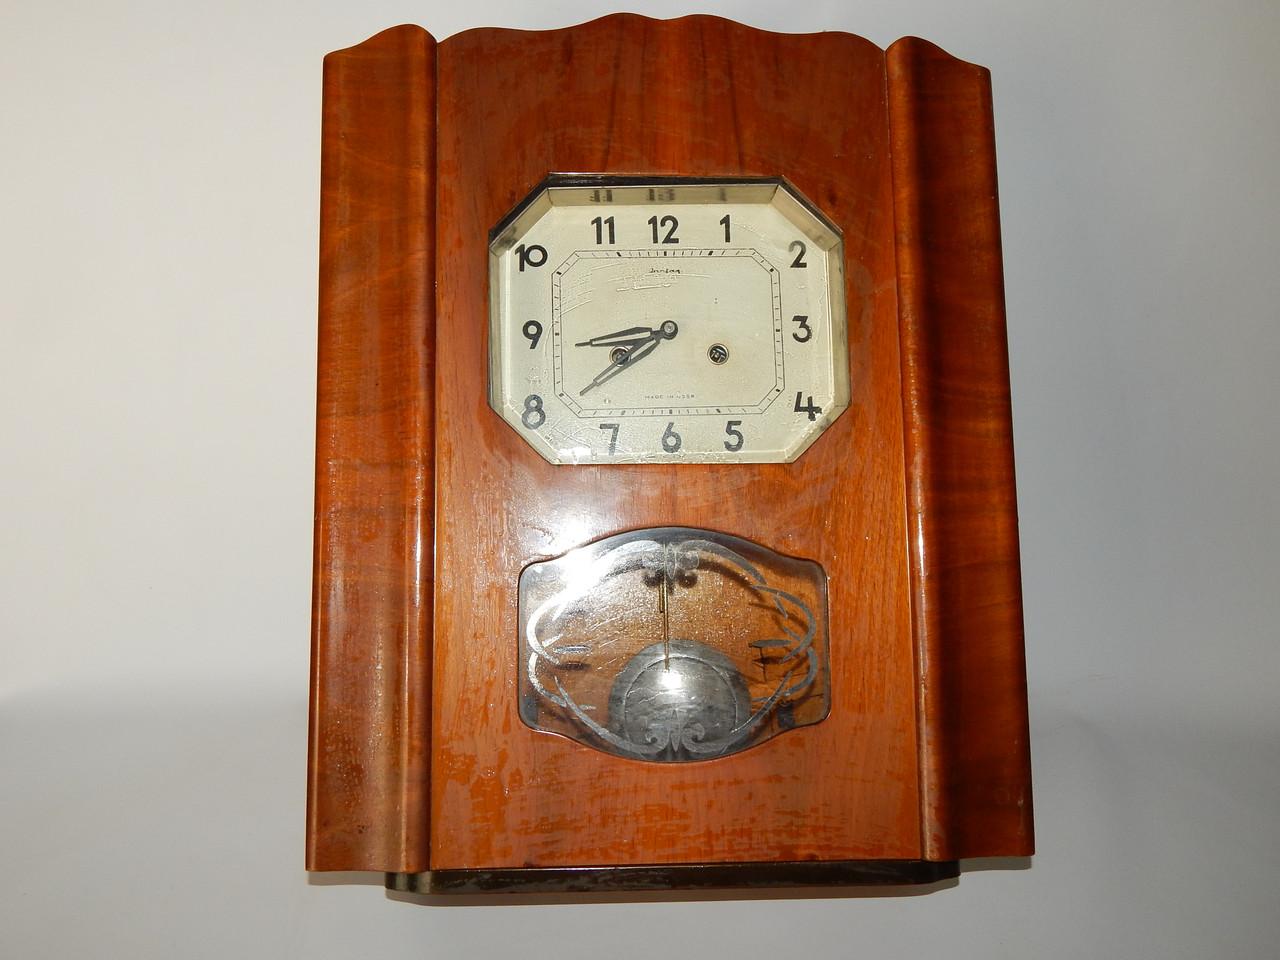 С продать боем янтарь настенные часы трактора часа работы расчет стоимости